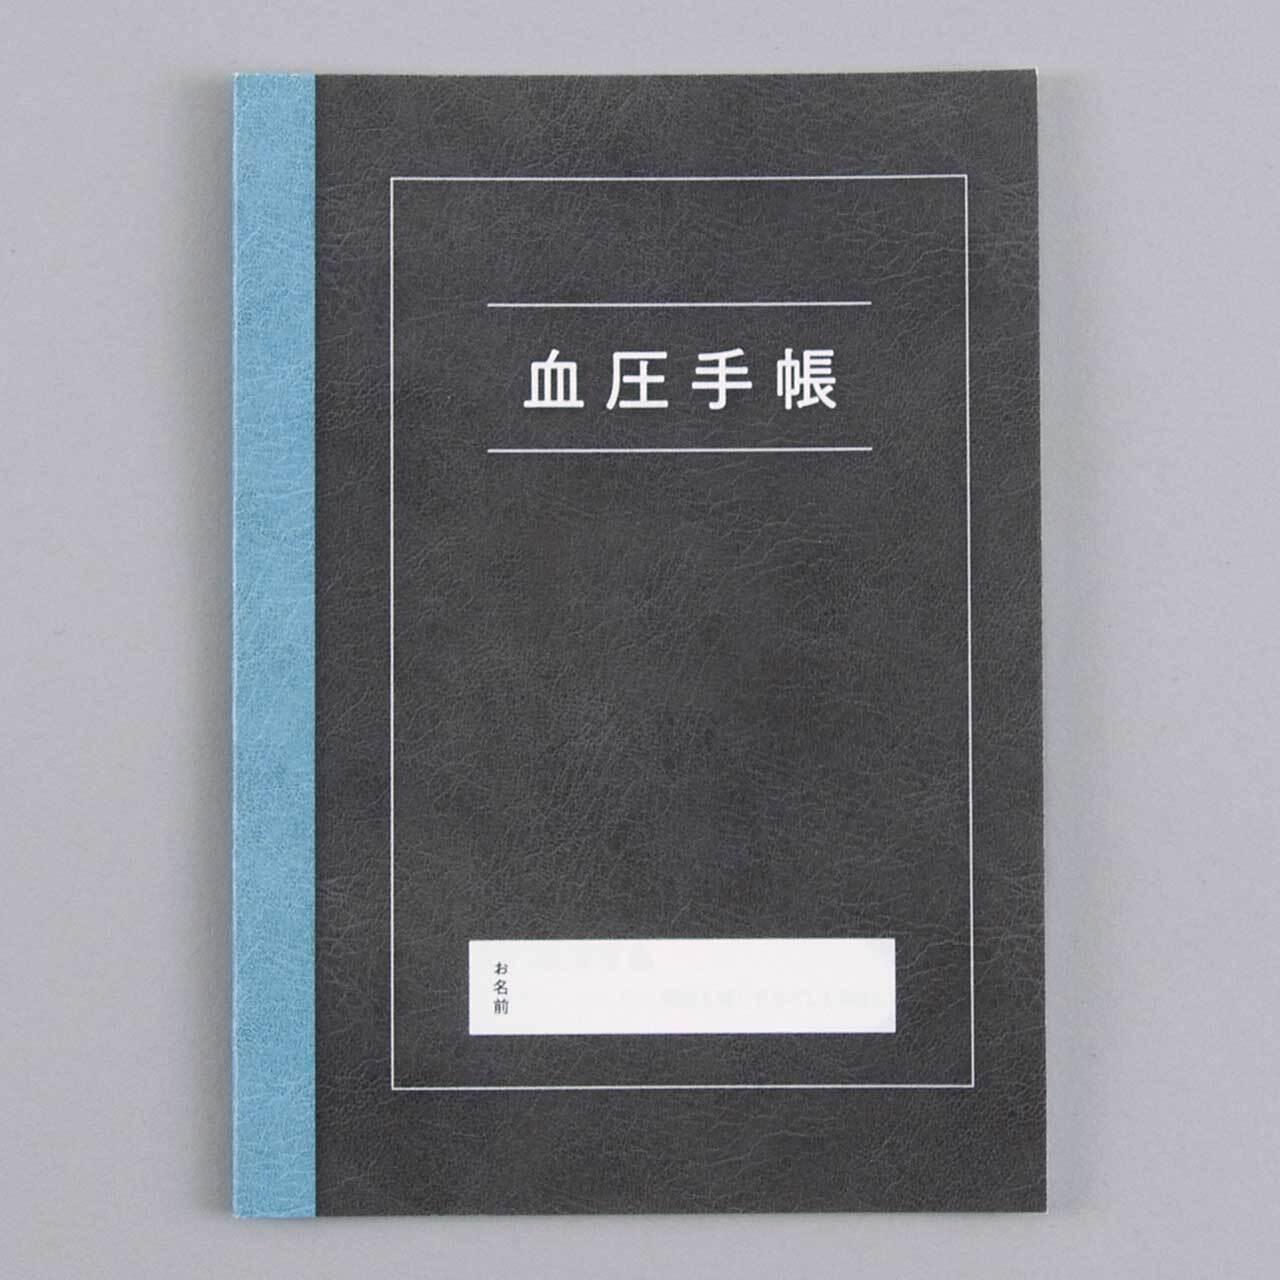 血圧手帳 1000冊(ノート)